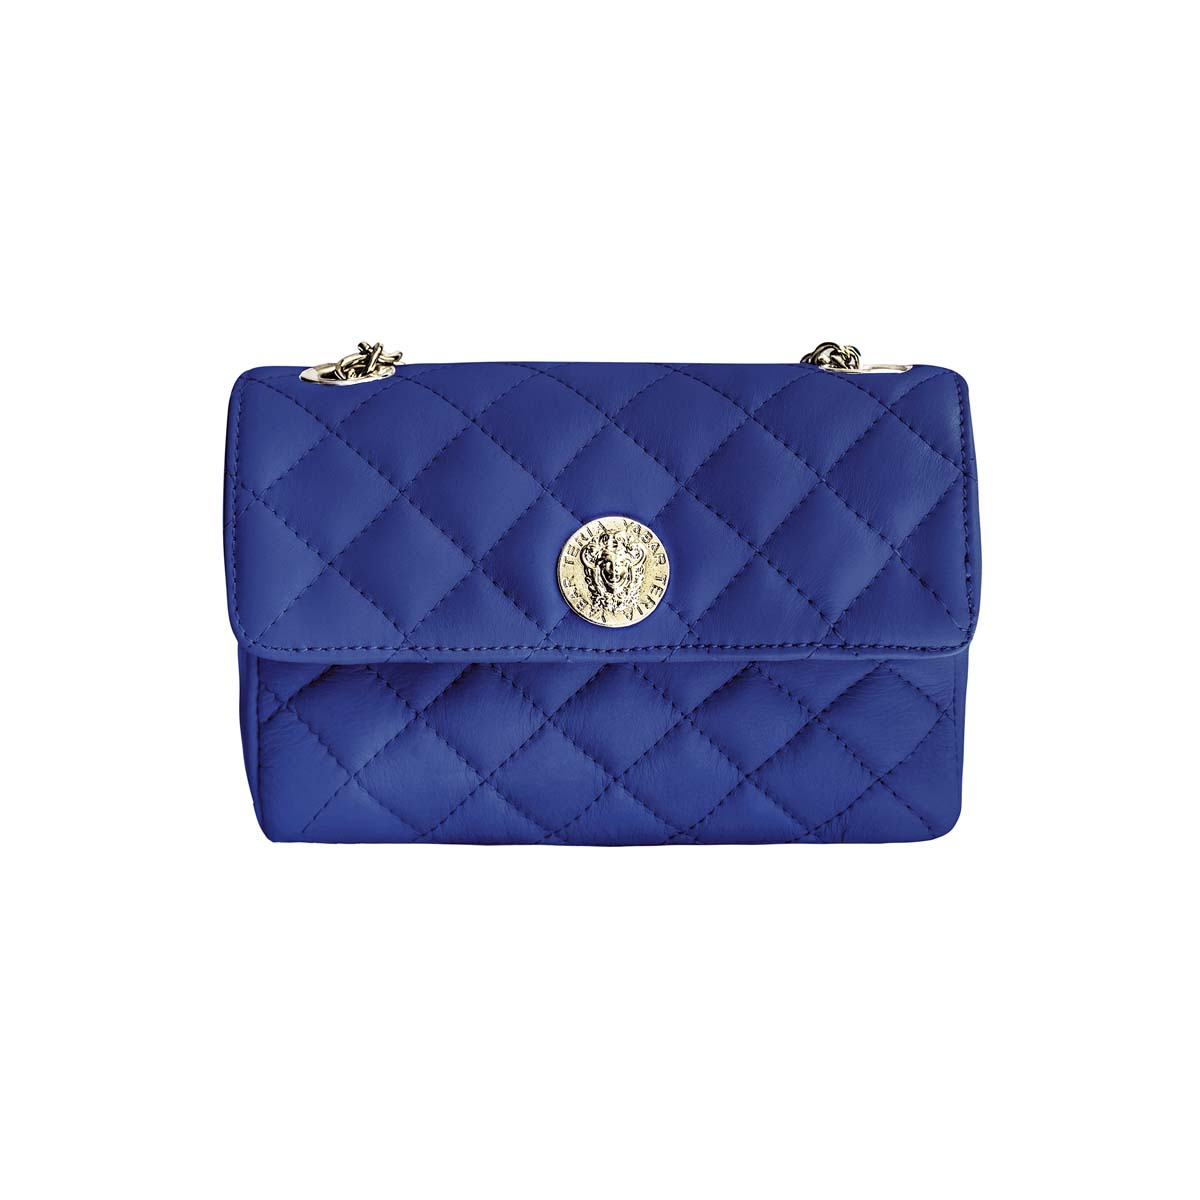 Teria Yabar - Bolso acolchado azul